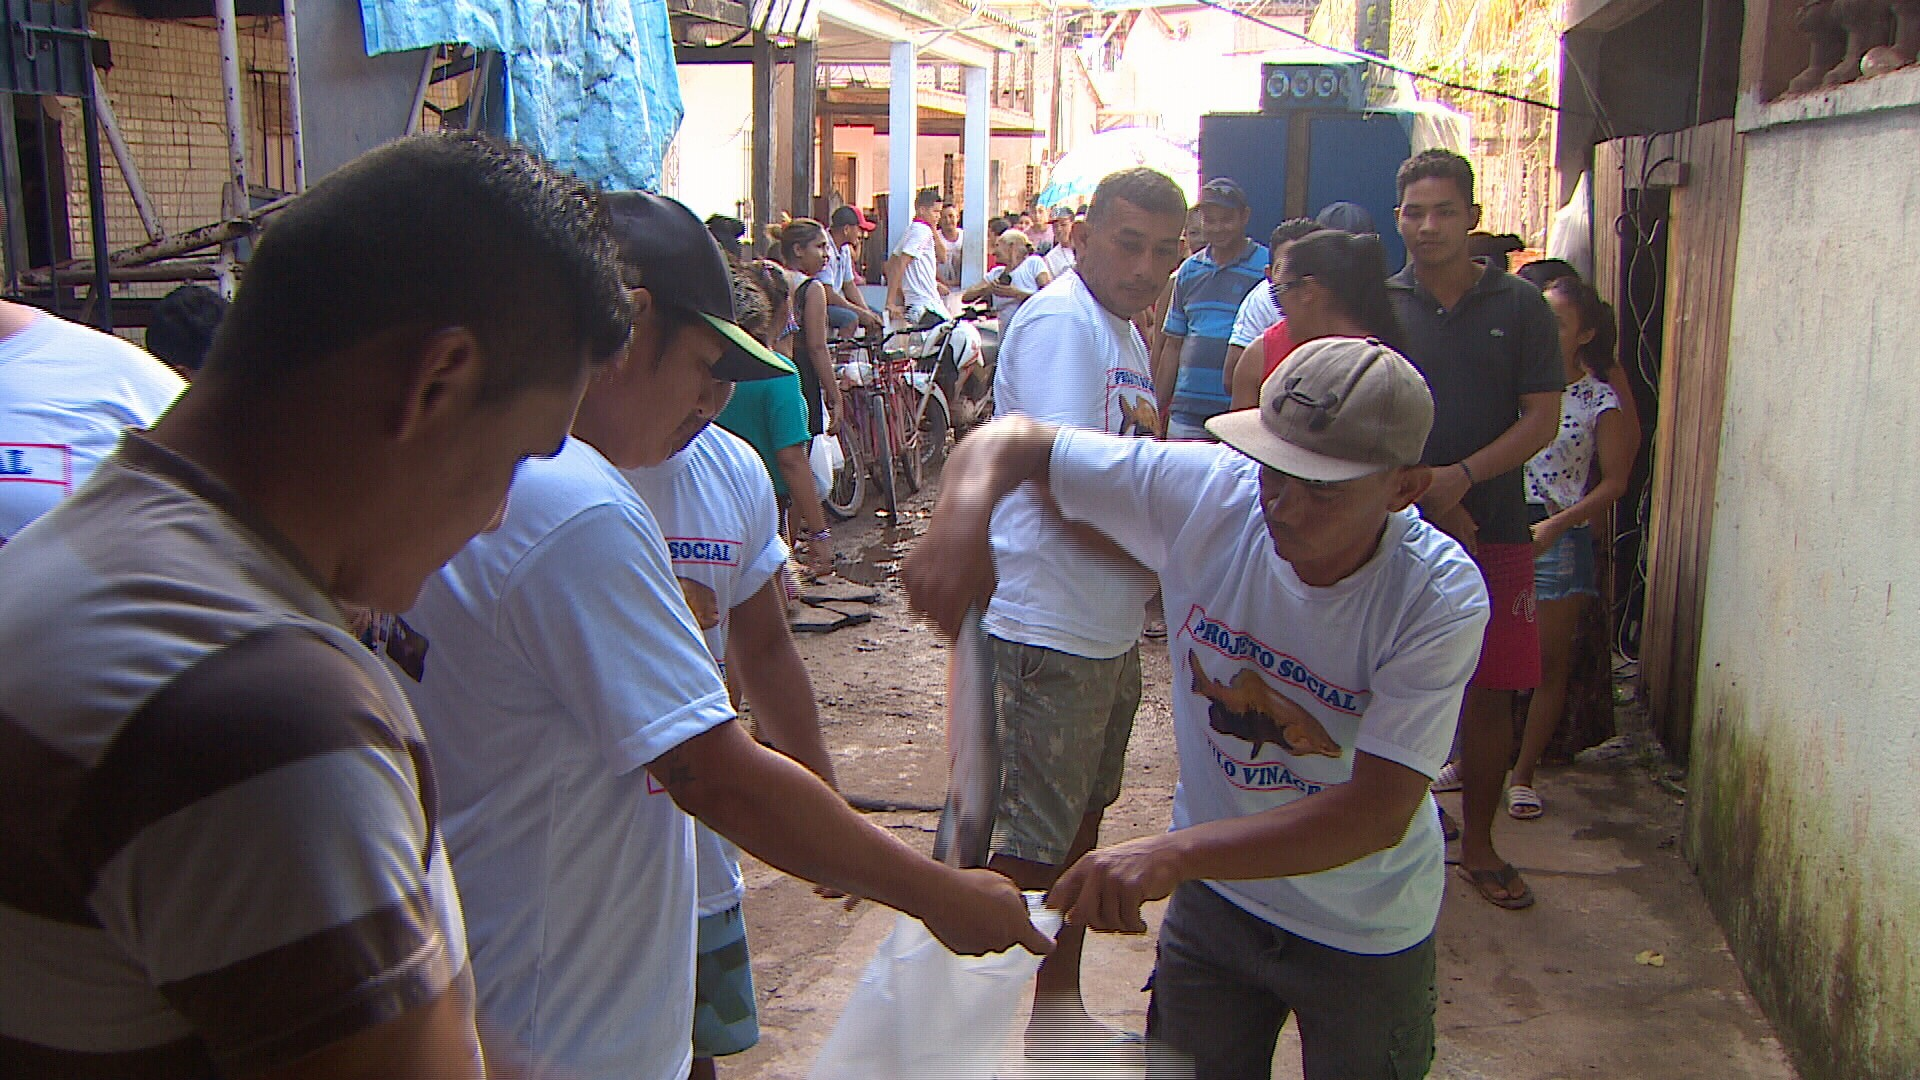 Voluntários fazem 'vaquinha' e doam 400 kg de pescado a famílias carentes na Semana Santa